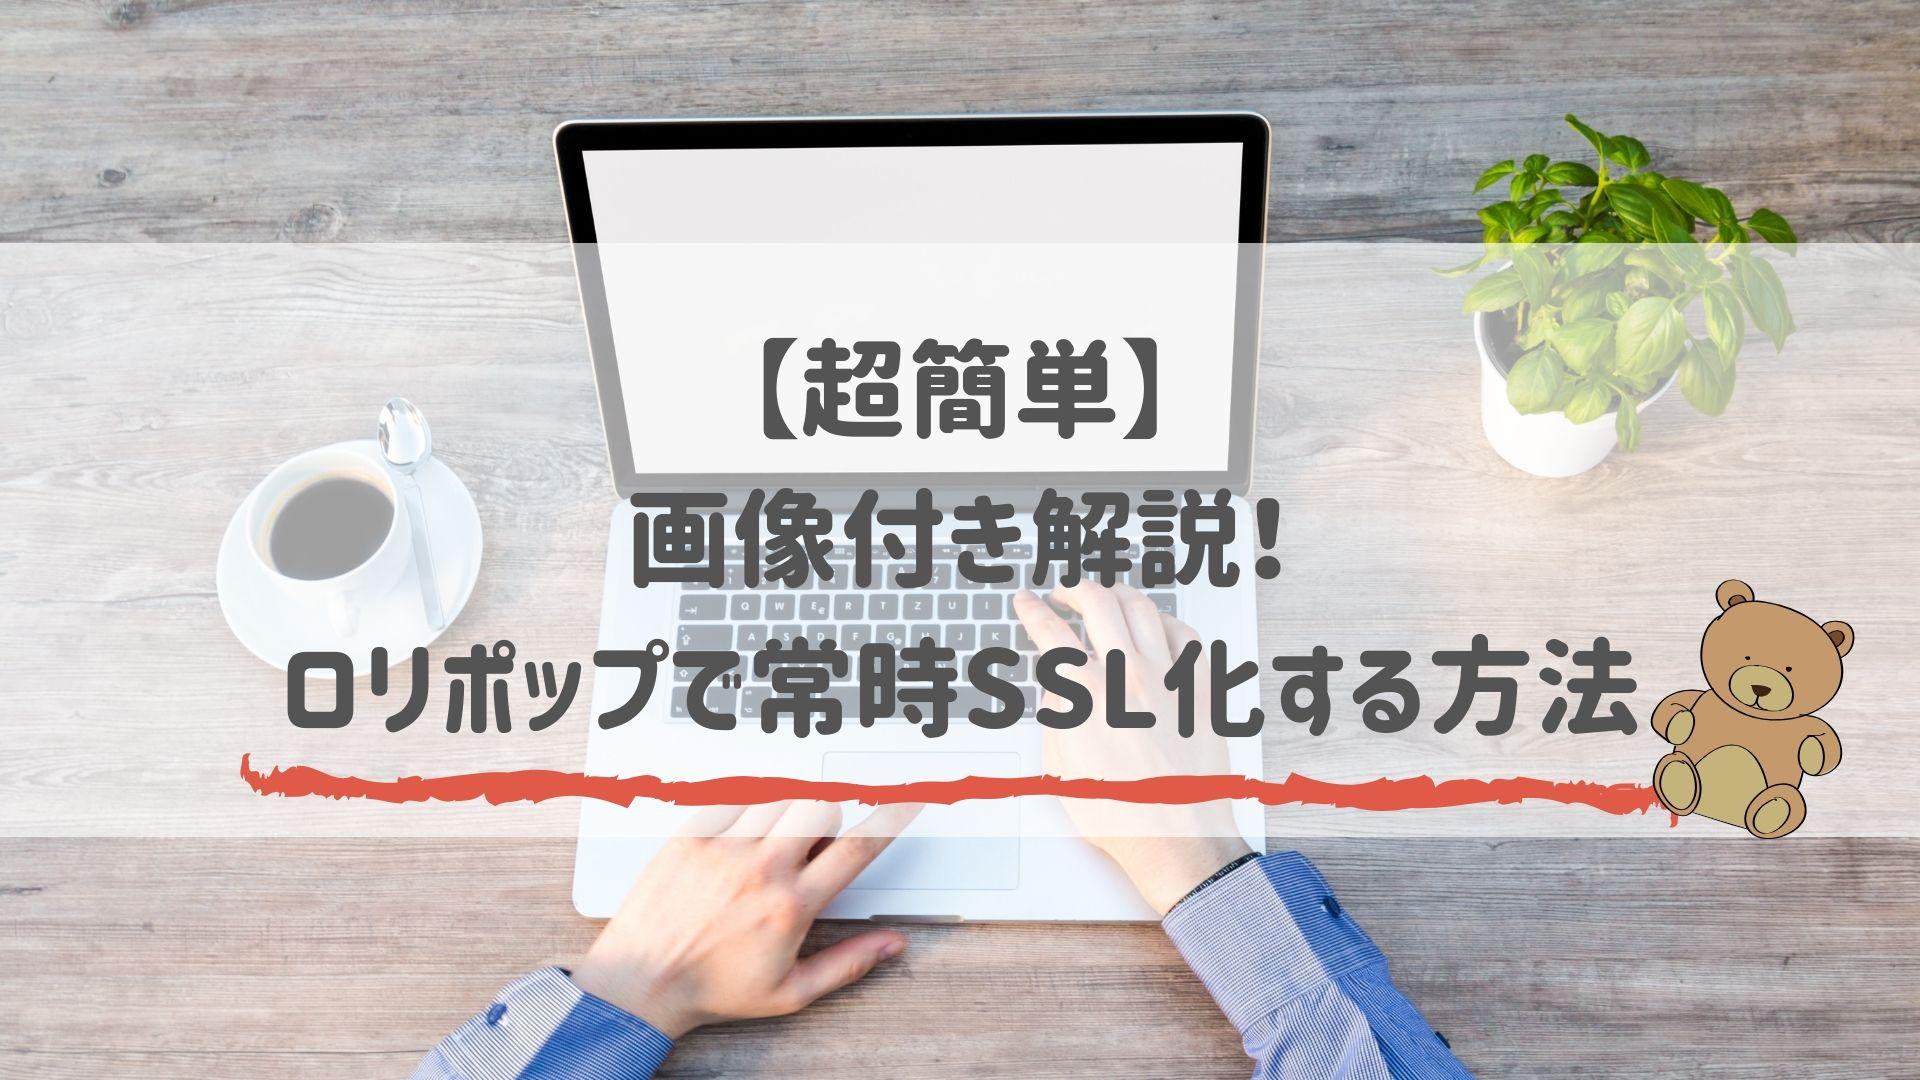 【超簡単】 画像付き解説! ロリポップで常時SSL化する方法